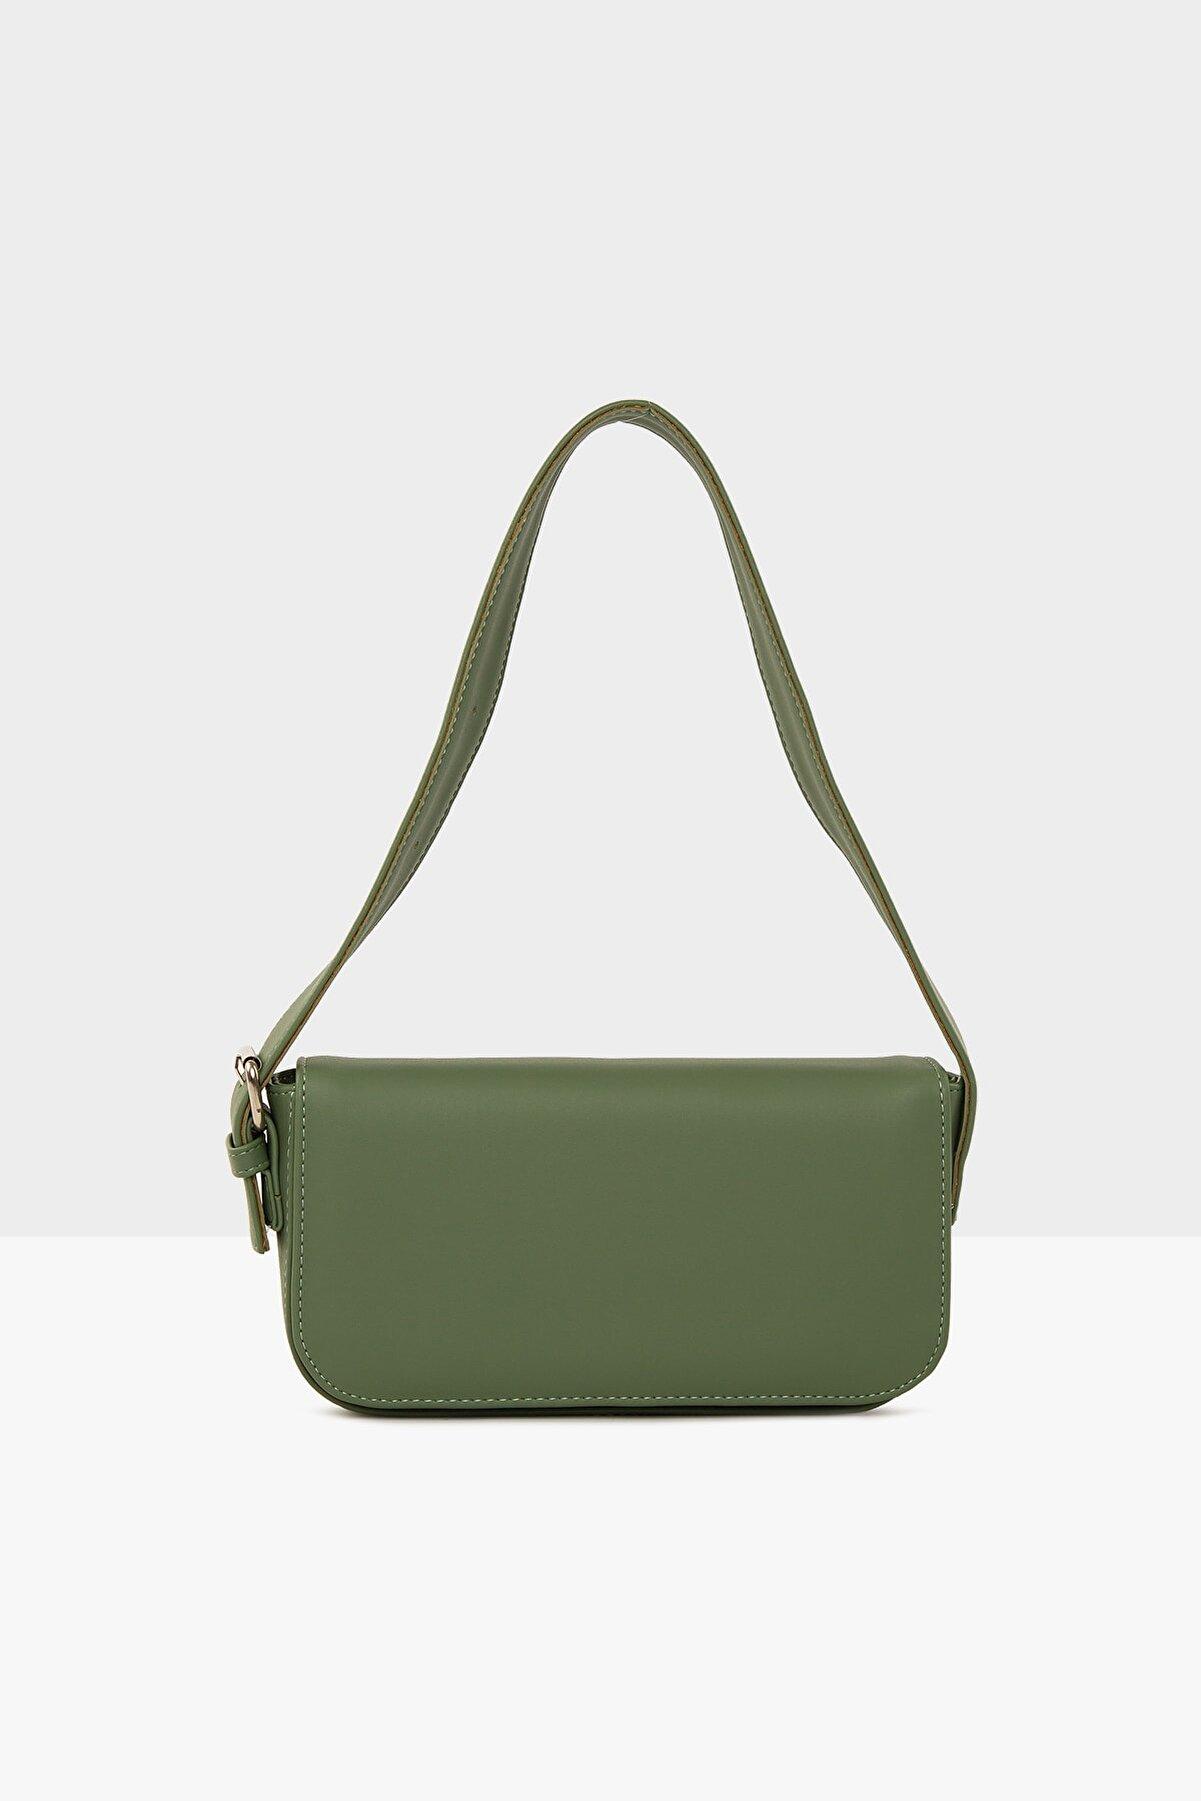 Bagmori Yeşil Kadın Kapaklı Kalıp Baget Çanta M000004657